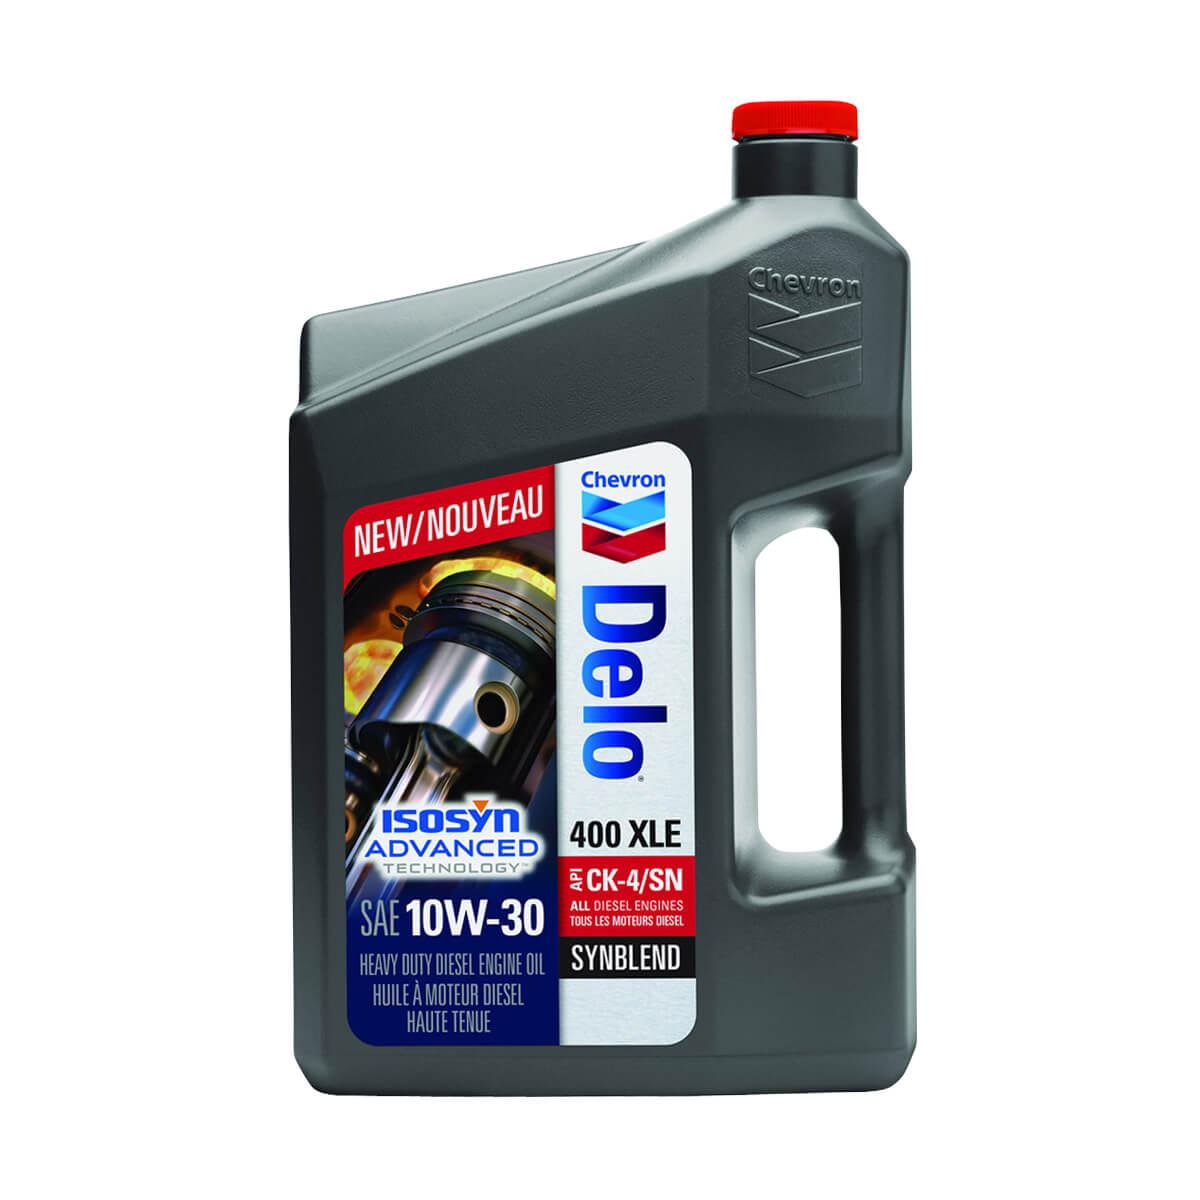 Chevron Delo 400® XLE 10W-30 - 3.78L